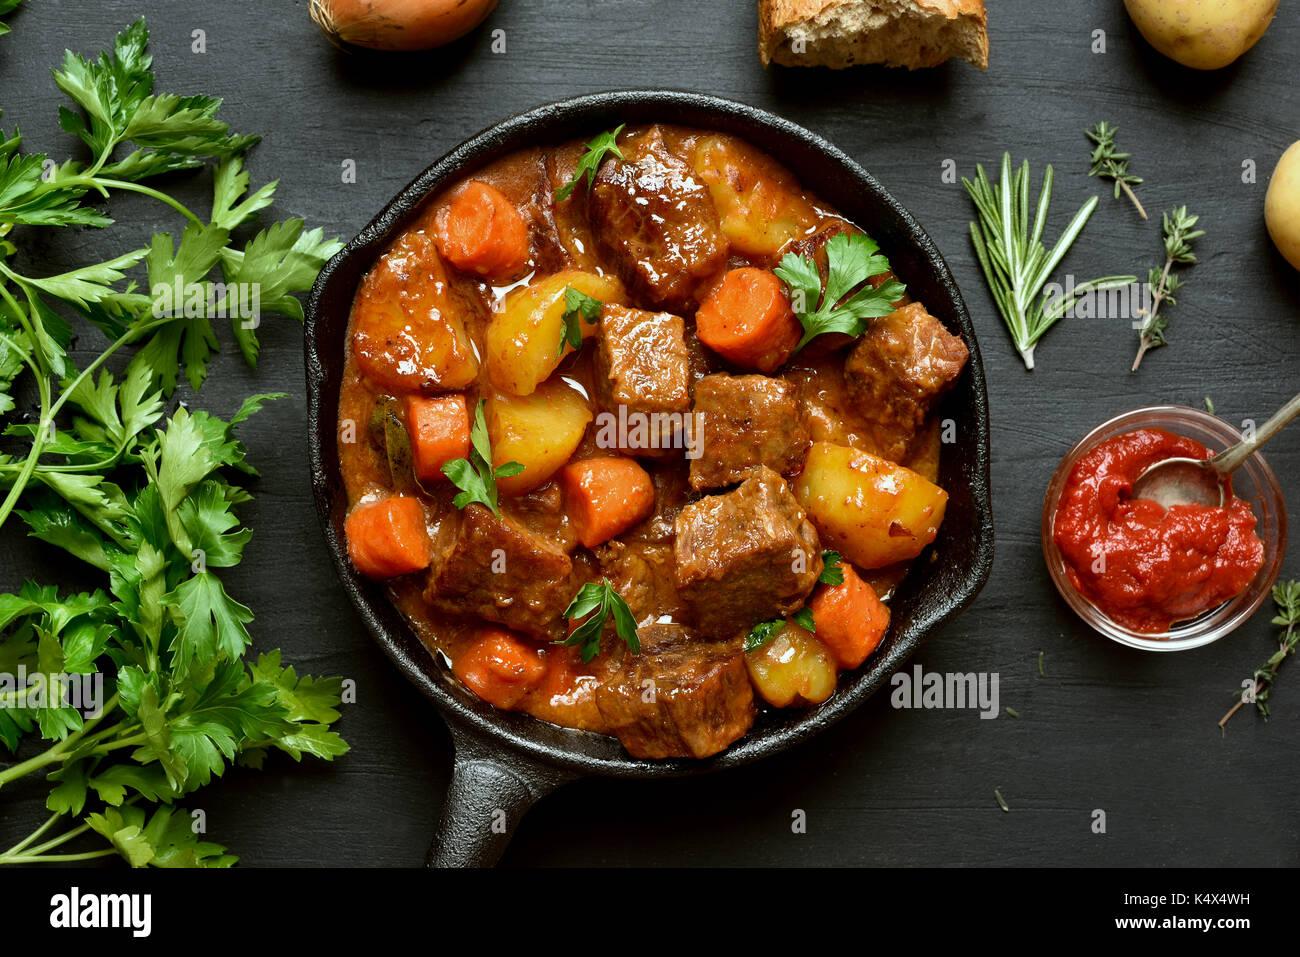 Estofado de carne y verduras en sartén, vista superior Imagen De Stock